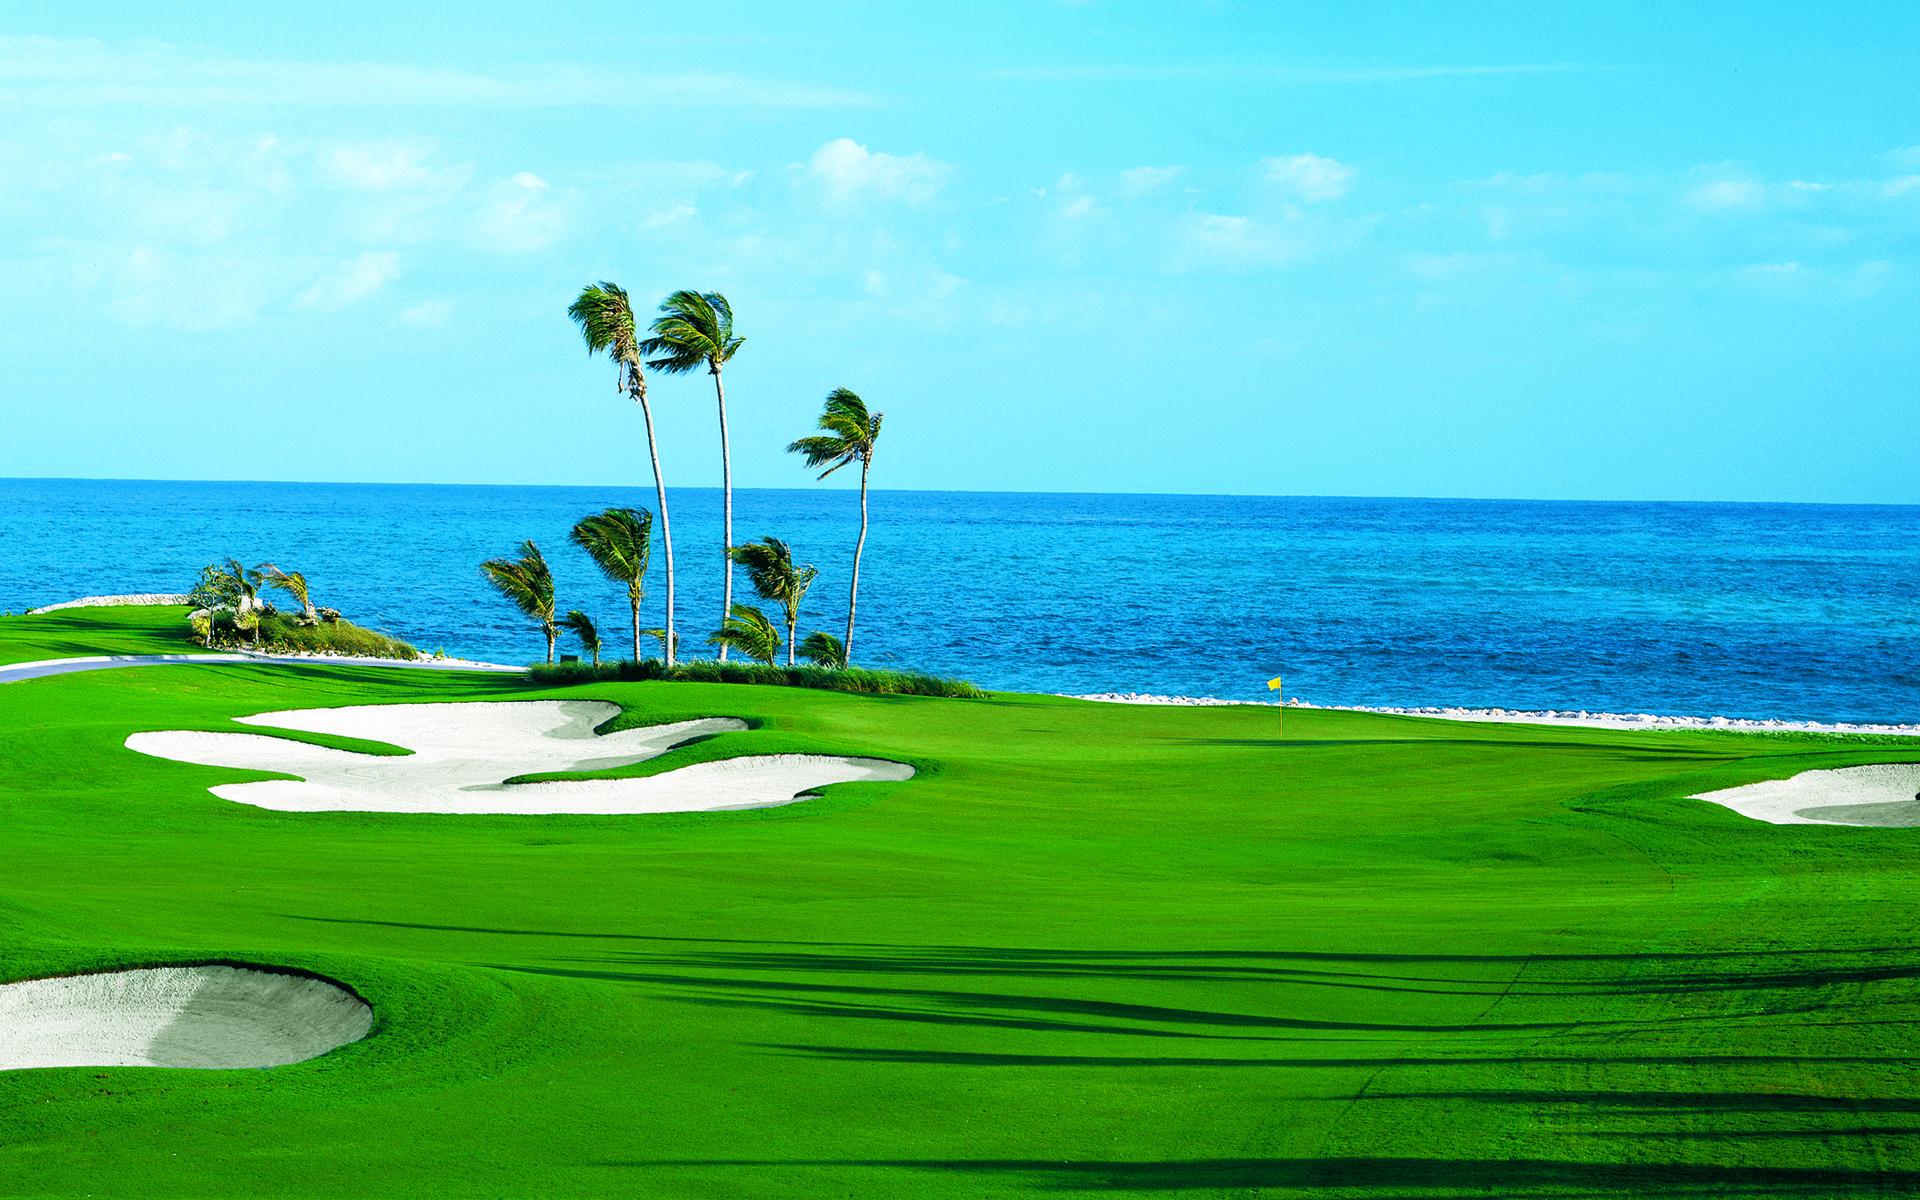 golf course landscape hd desktop wallpaper high definition hd wallpapers pinterest hd wallpaper wallpaper and wallpaper backgrounds